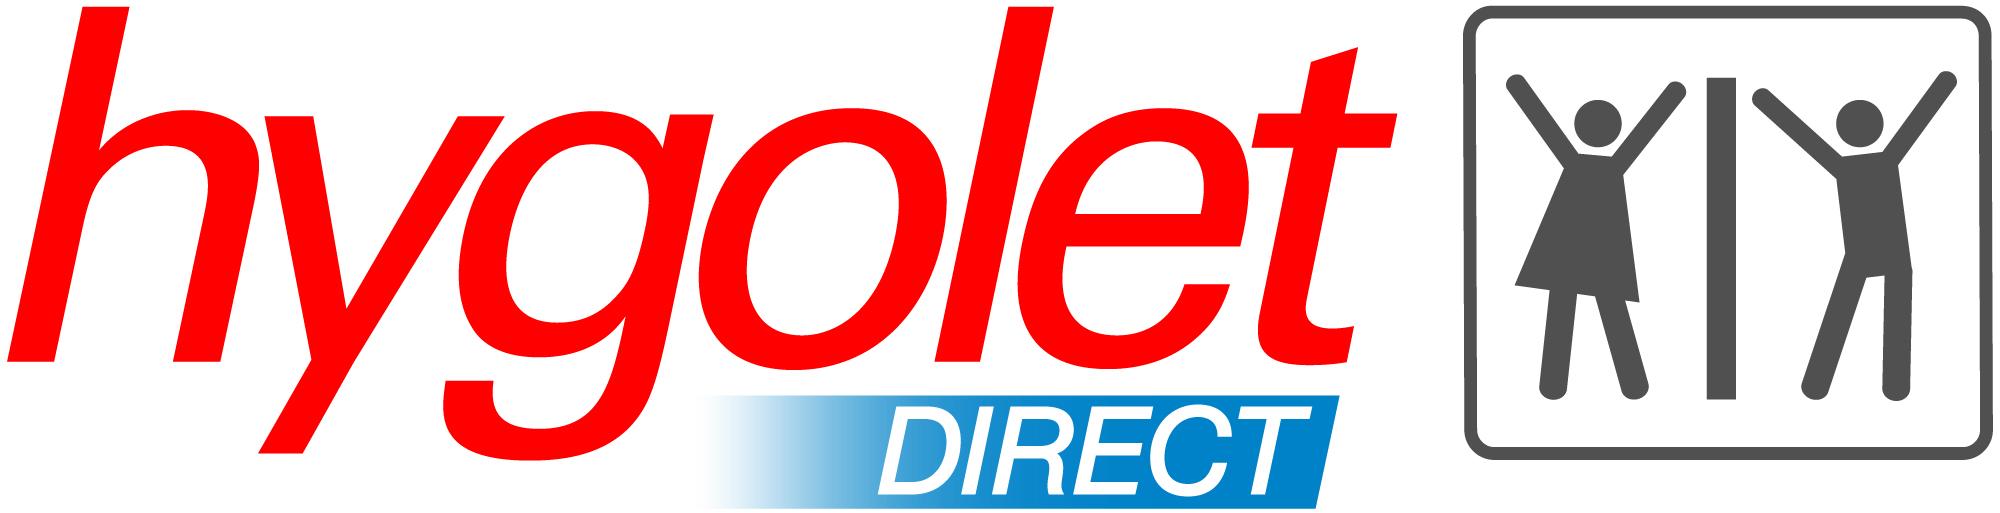 Hygolet Direct